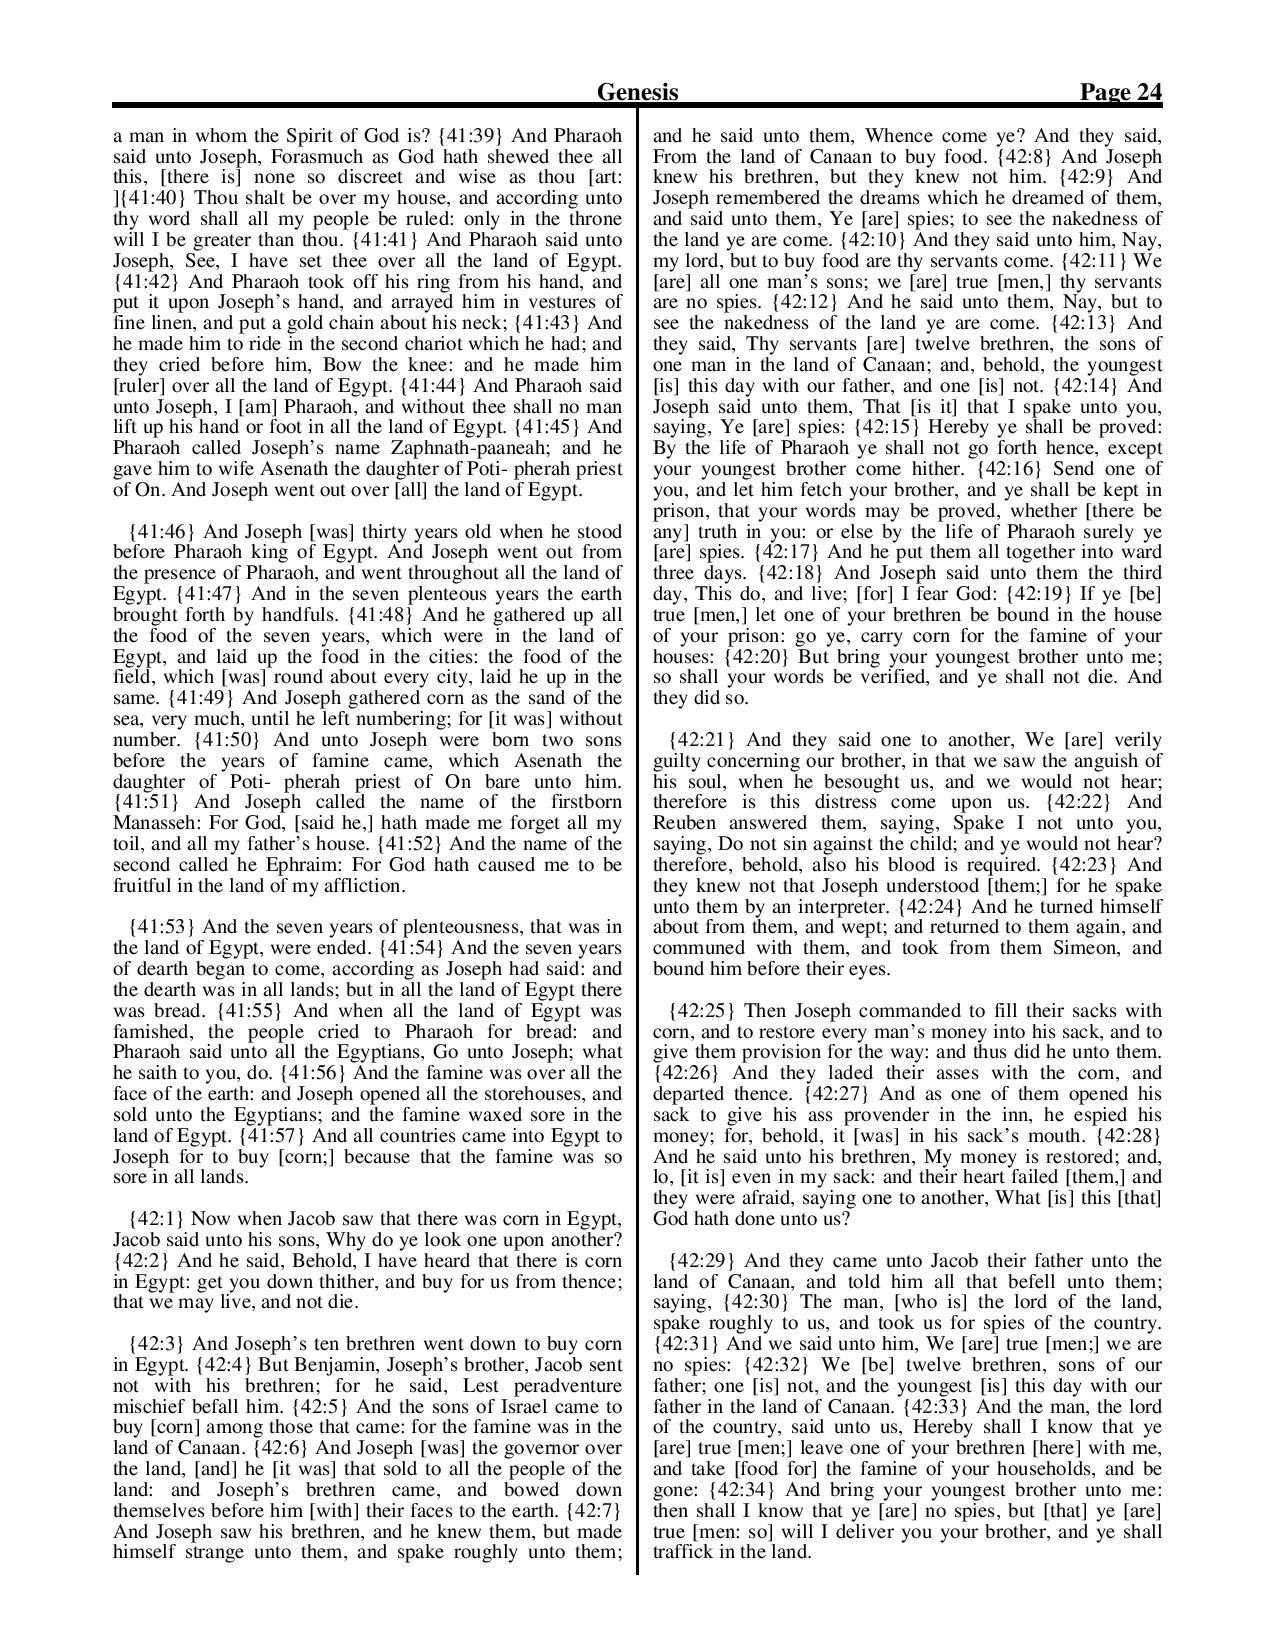 King-James-Bible-KJV-Bible-PDF-page-045